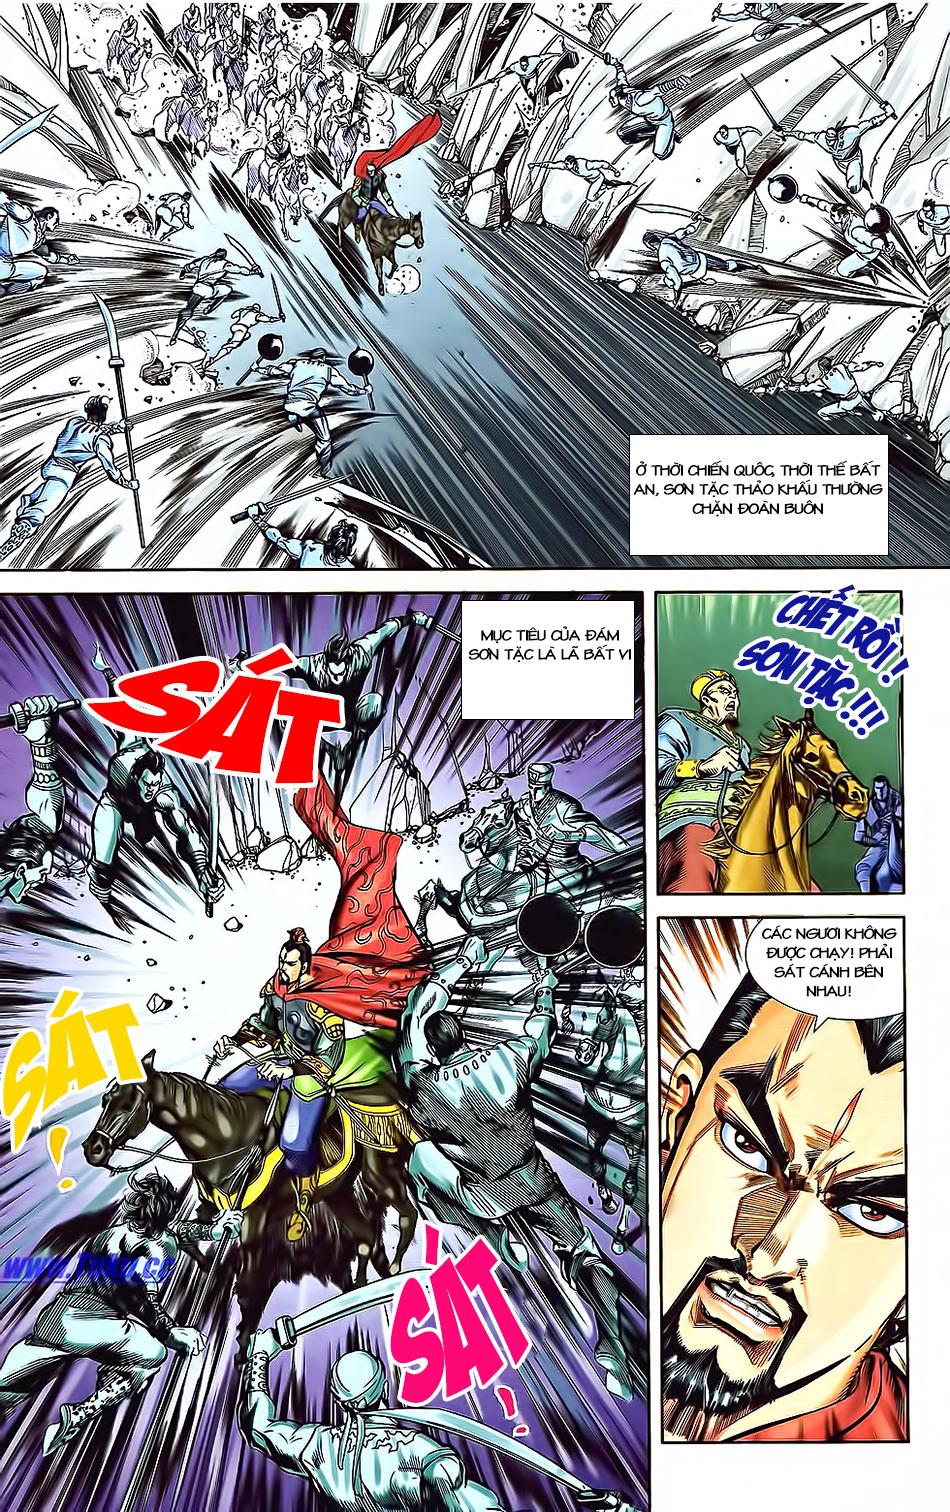 Tần Vương Doanh Chính chapter 3 trang 12